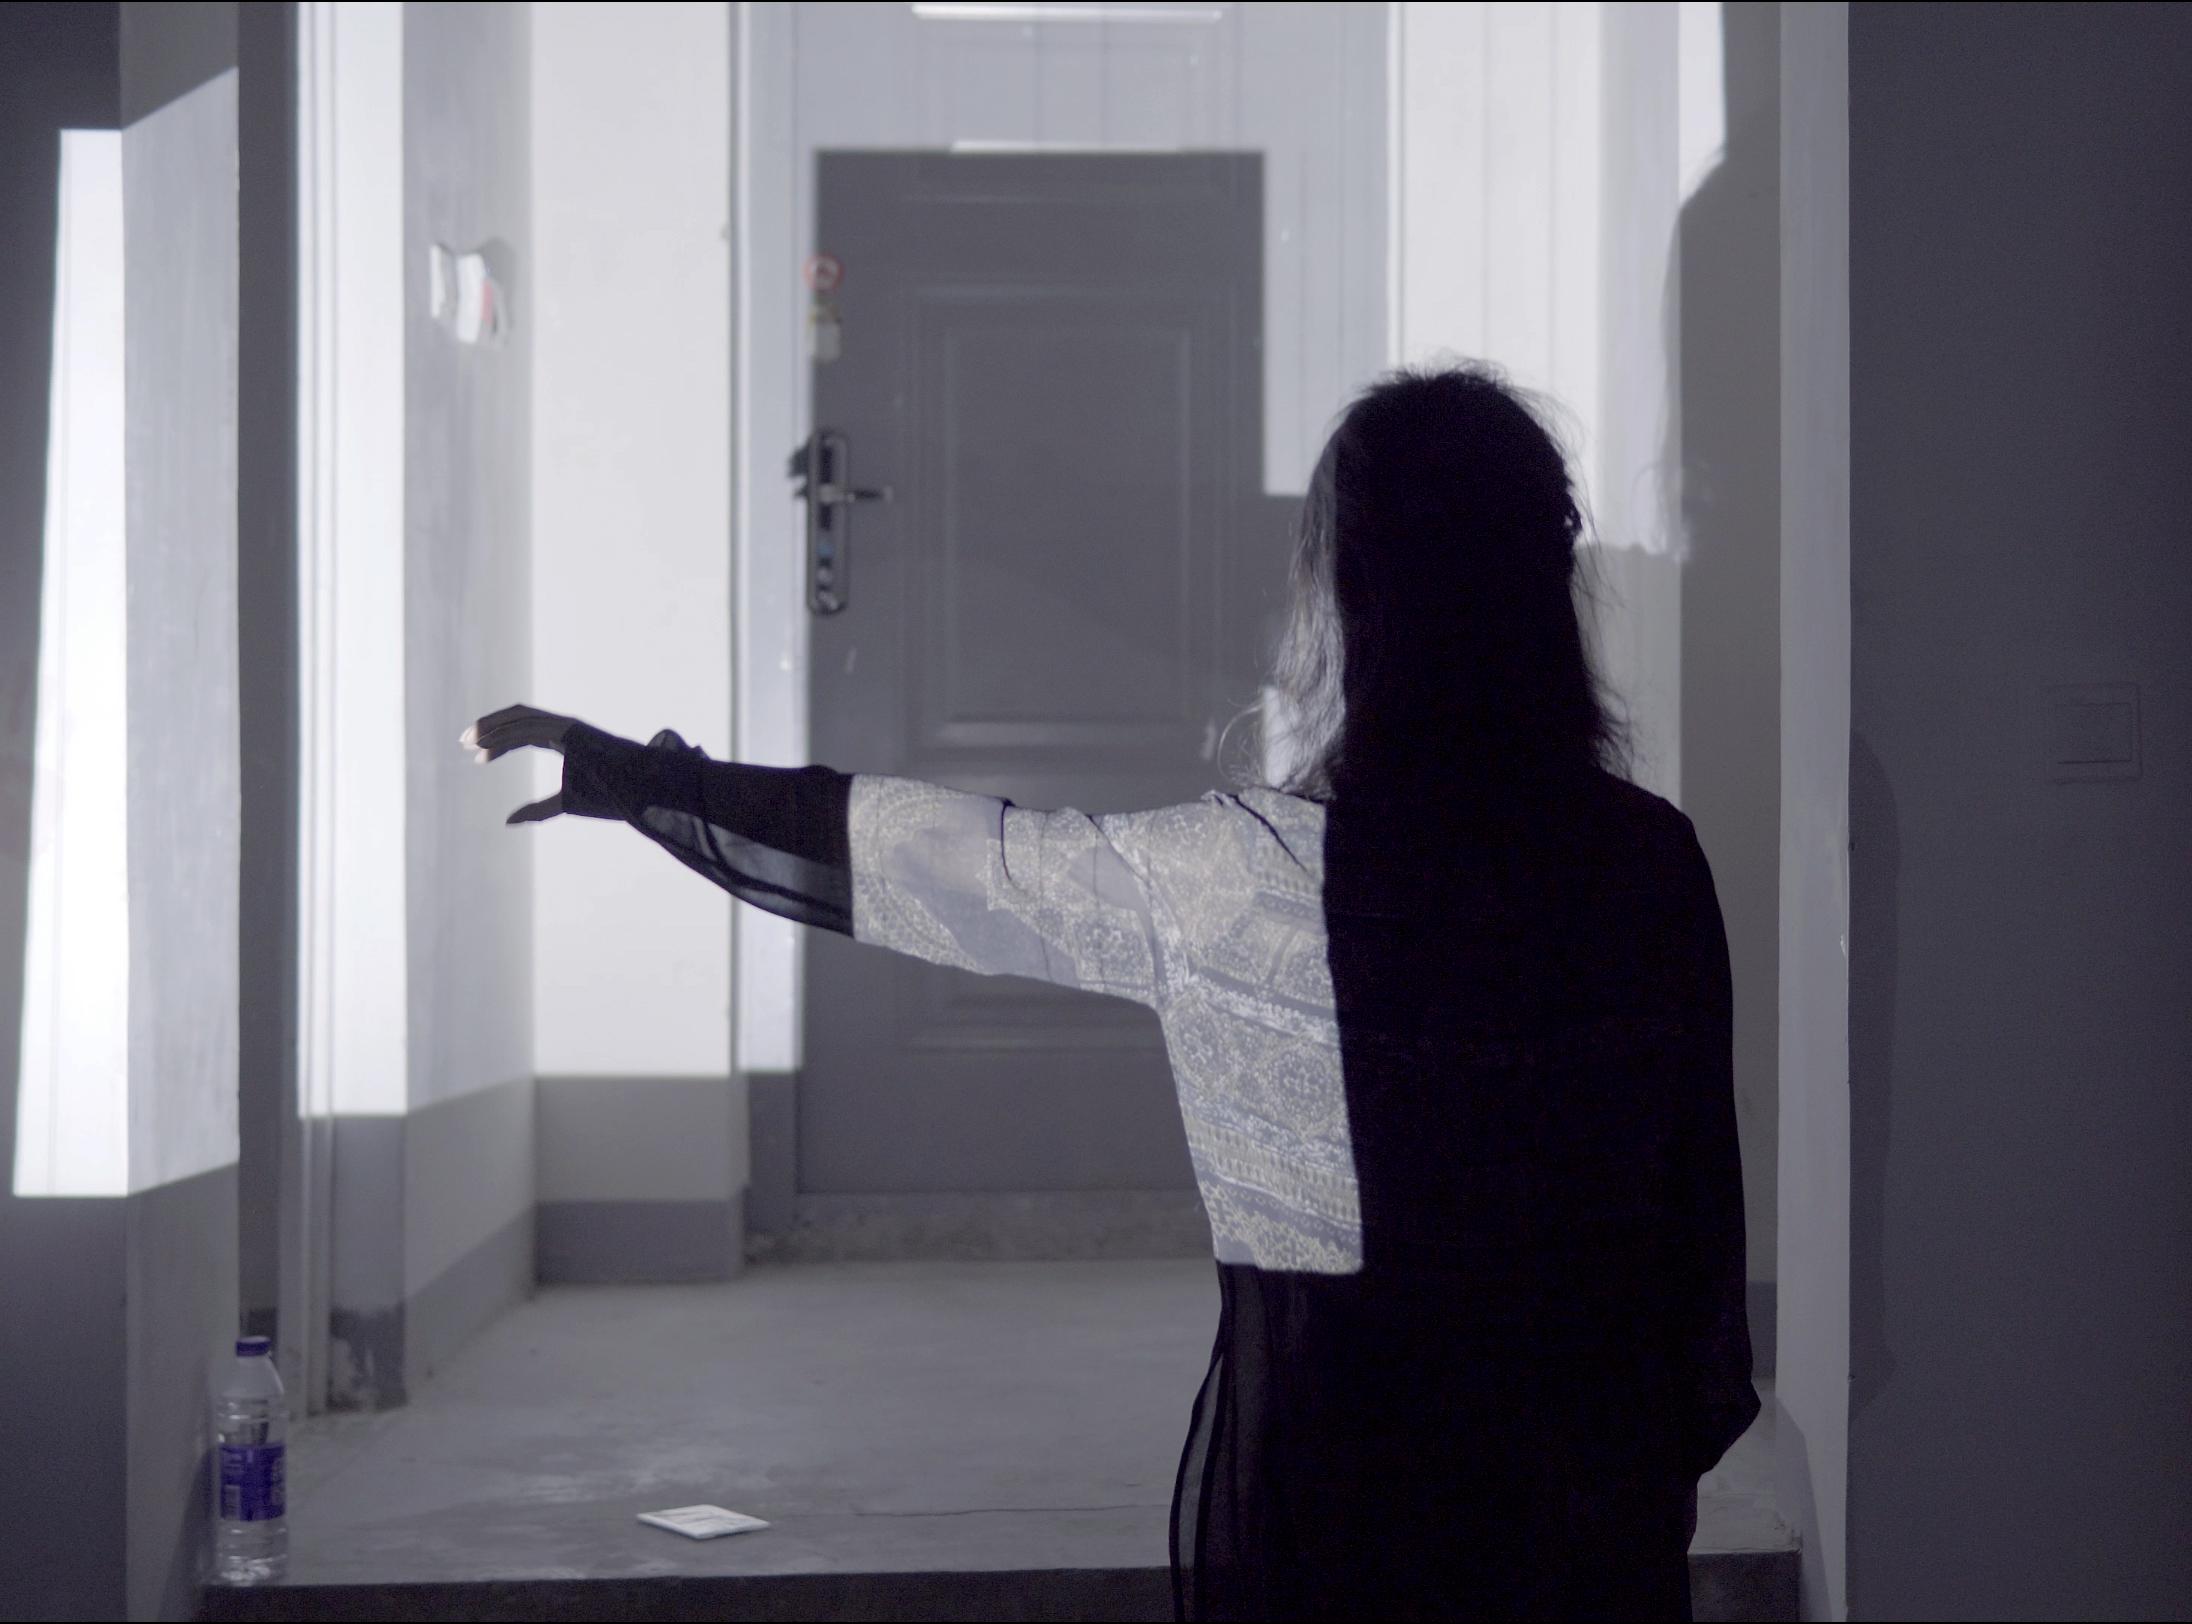 炭叹试图用手影打开门